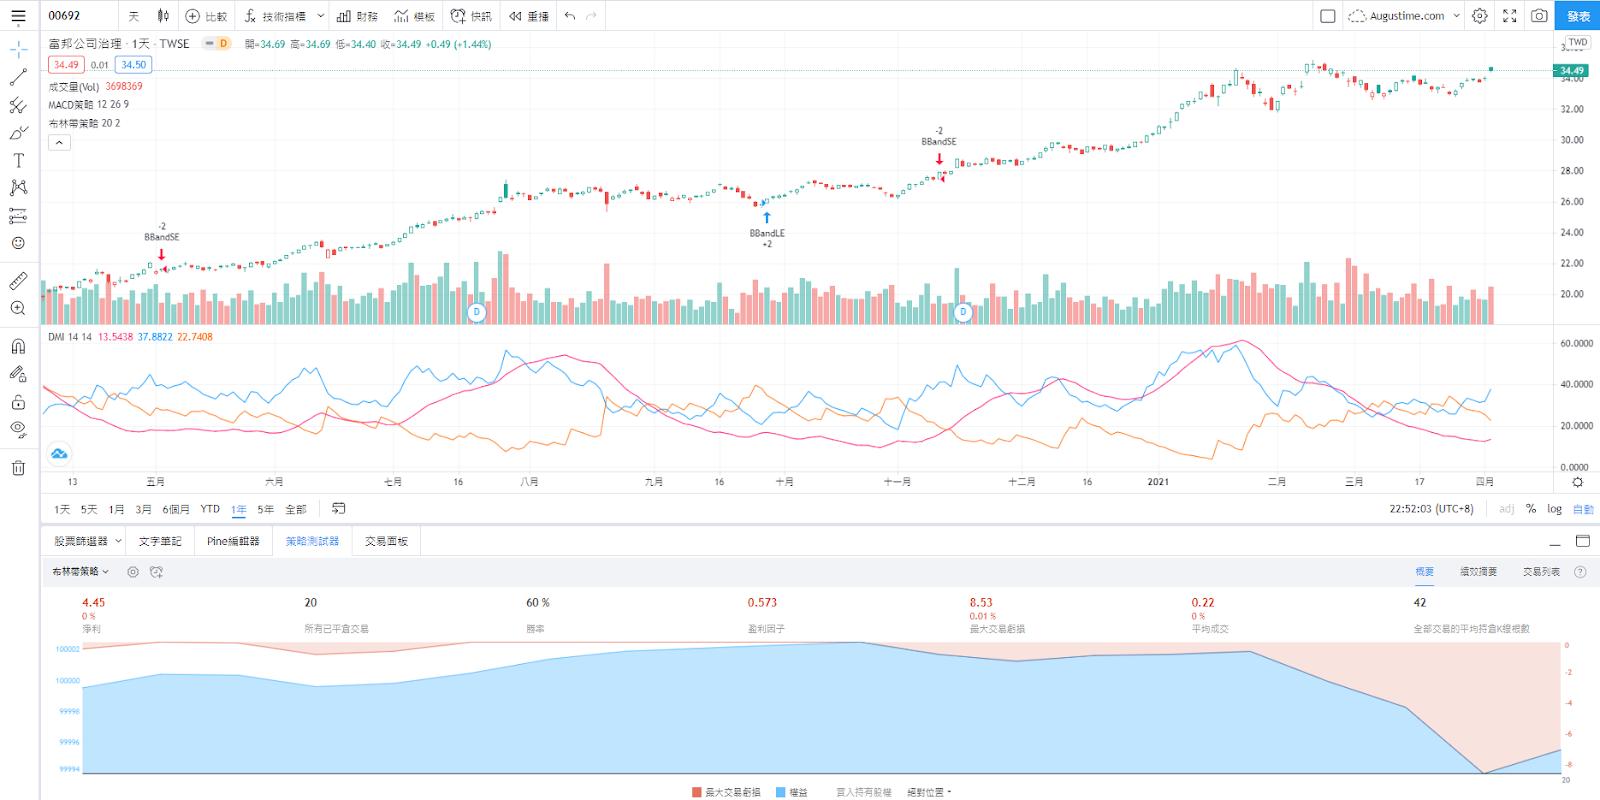 富邦00692股價走勢圖與K線圖